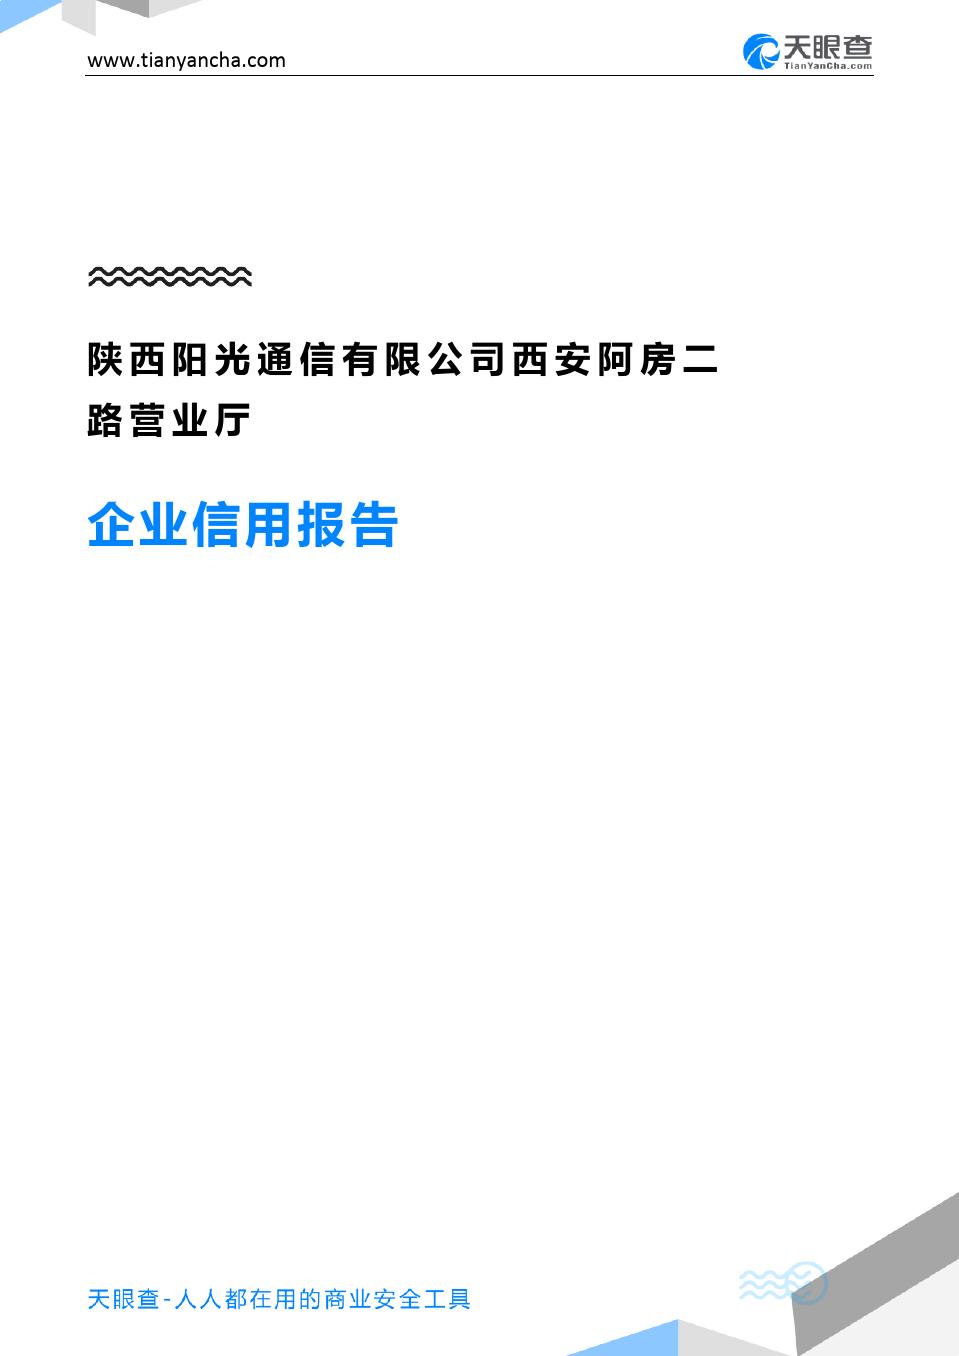 陕西阳光通信有限公司西安阿房二路营业厅企业信用报告-天眼查